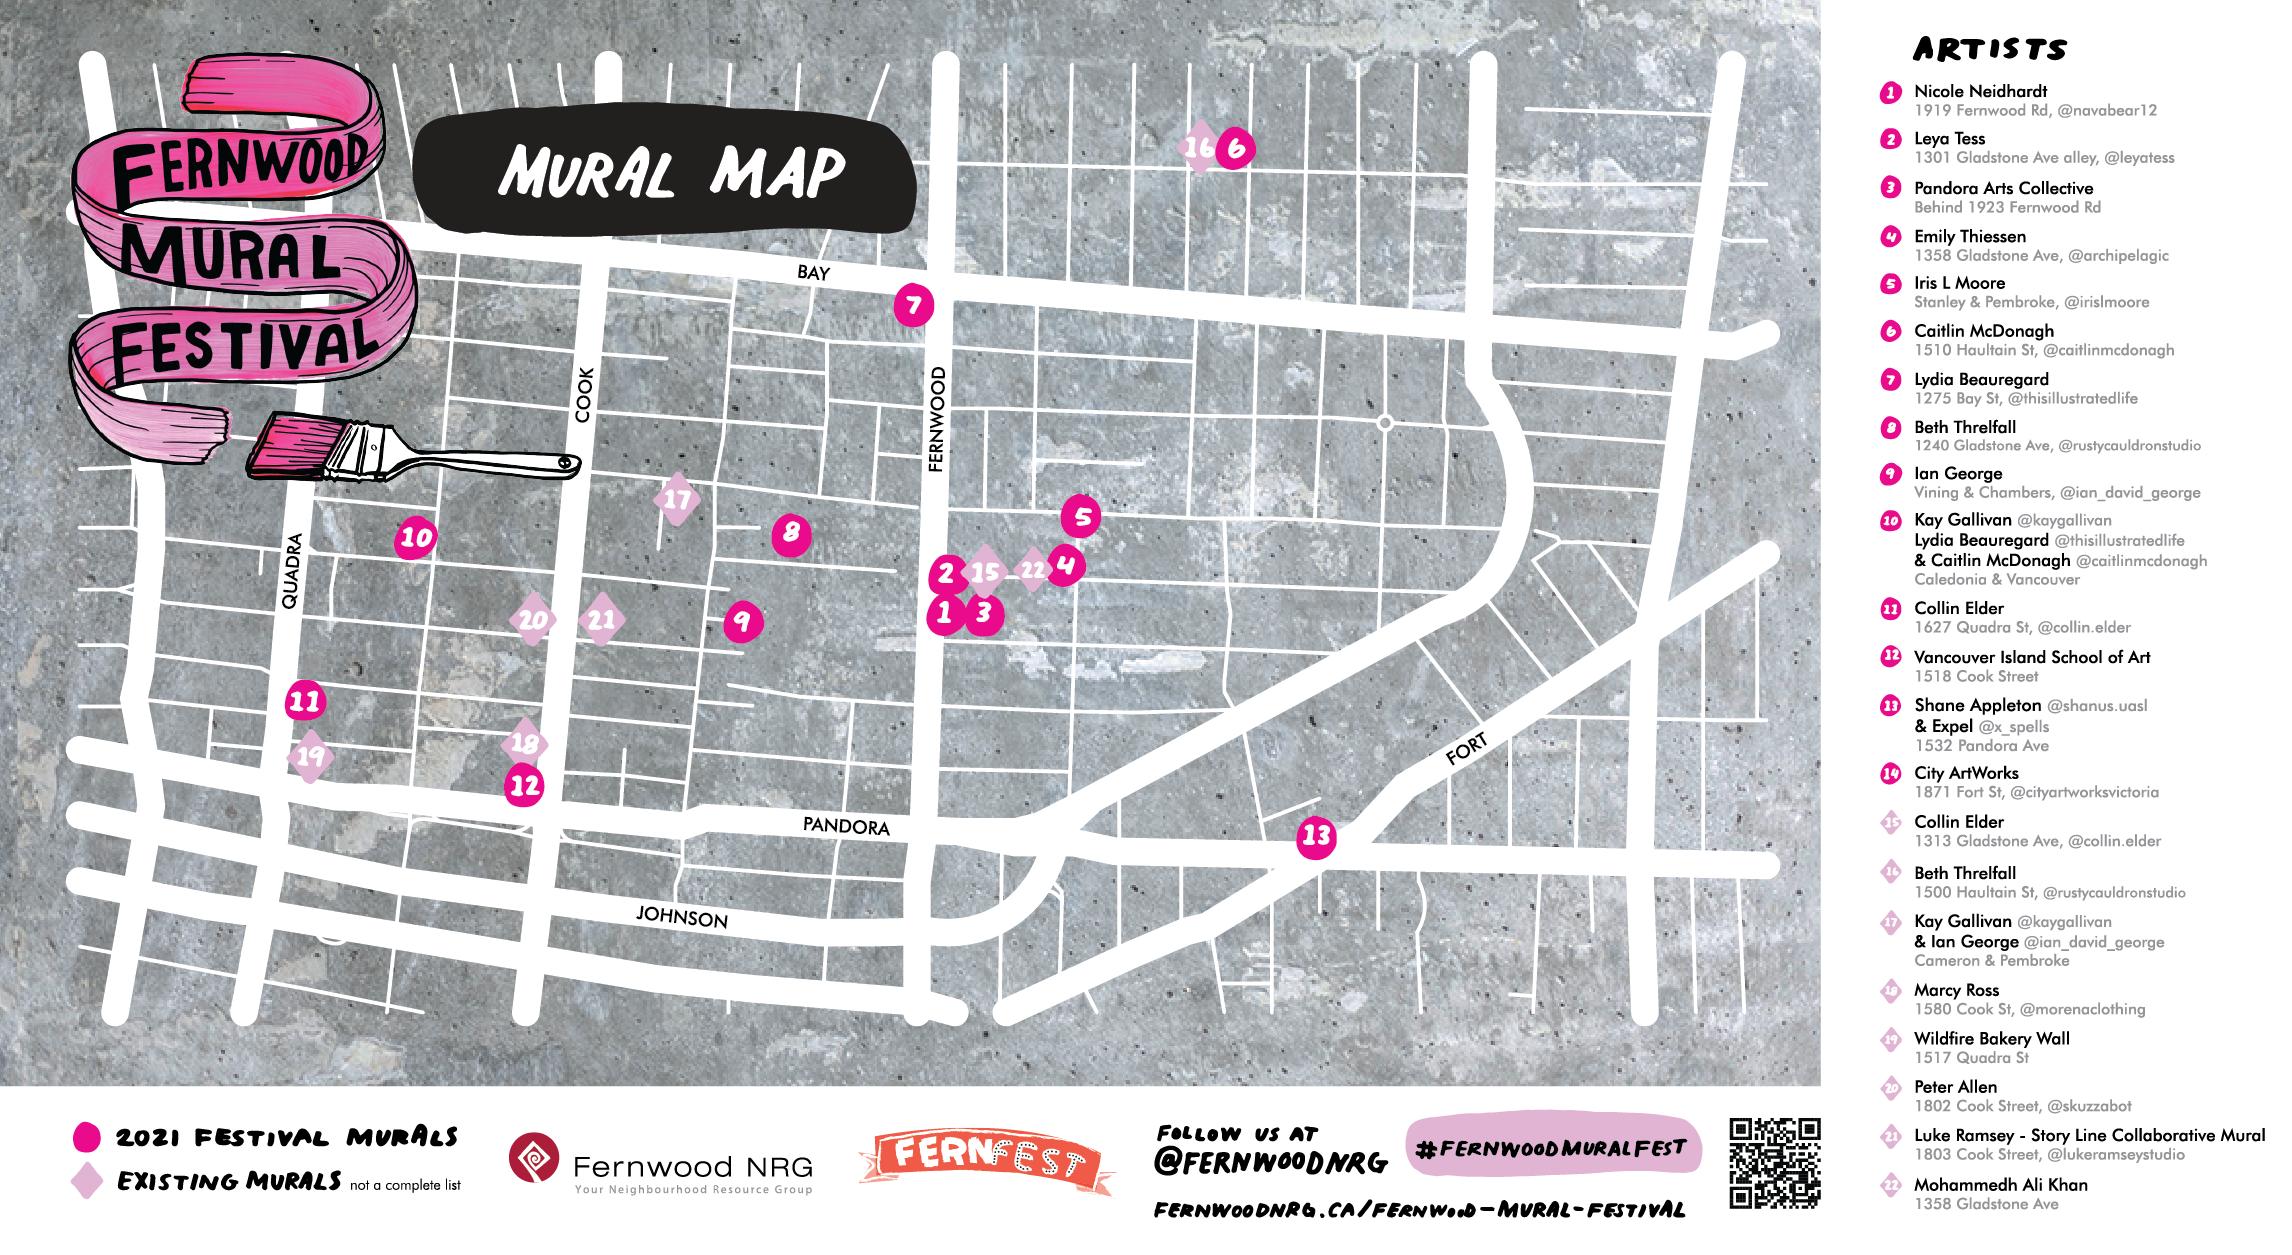 Fernwood Mural Fest Map